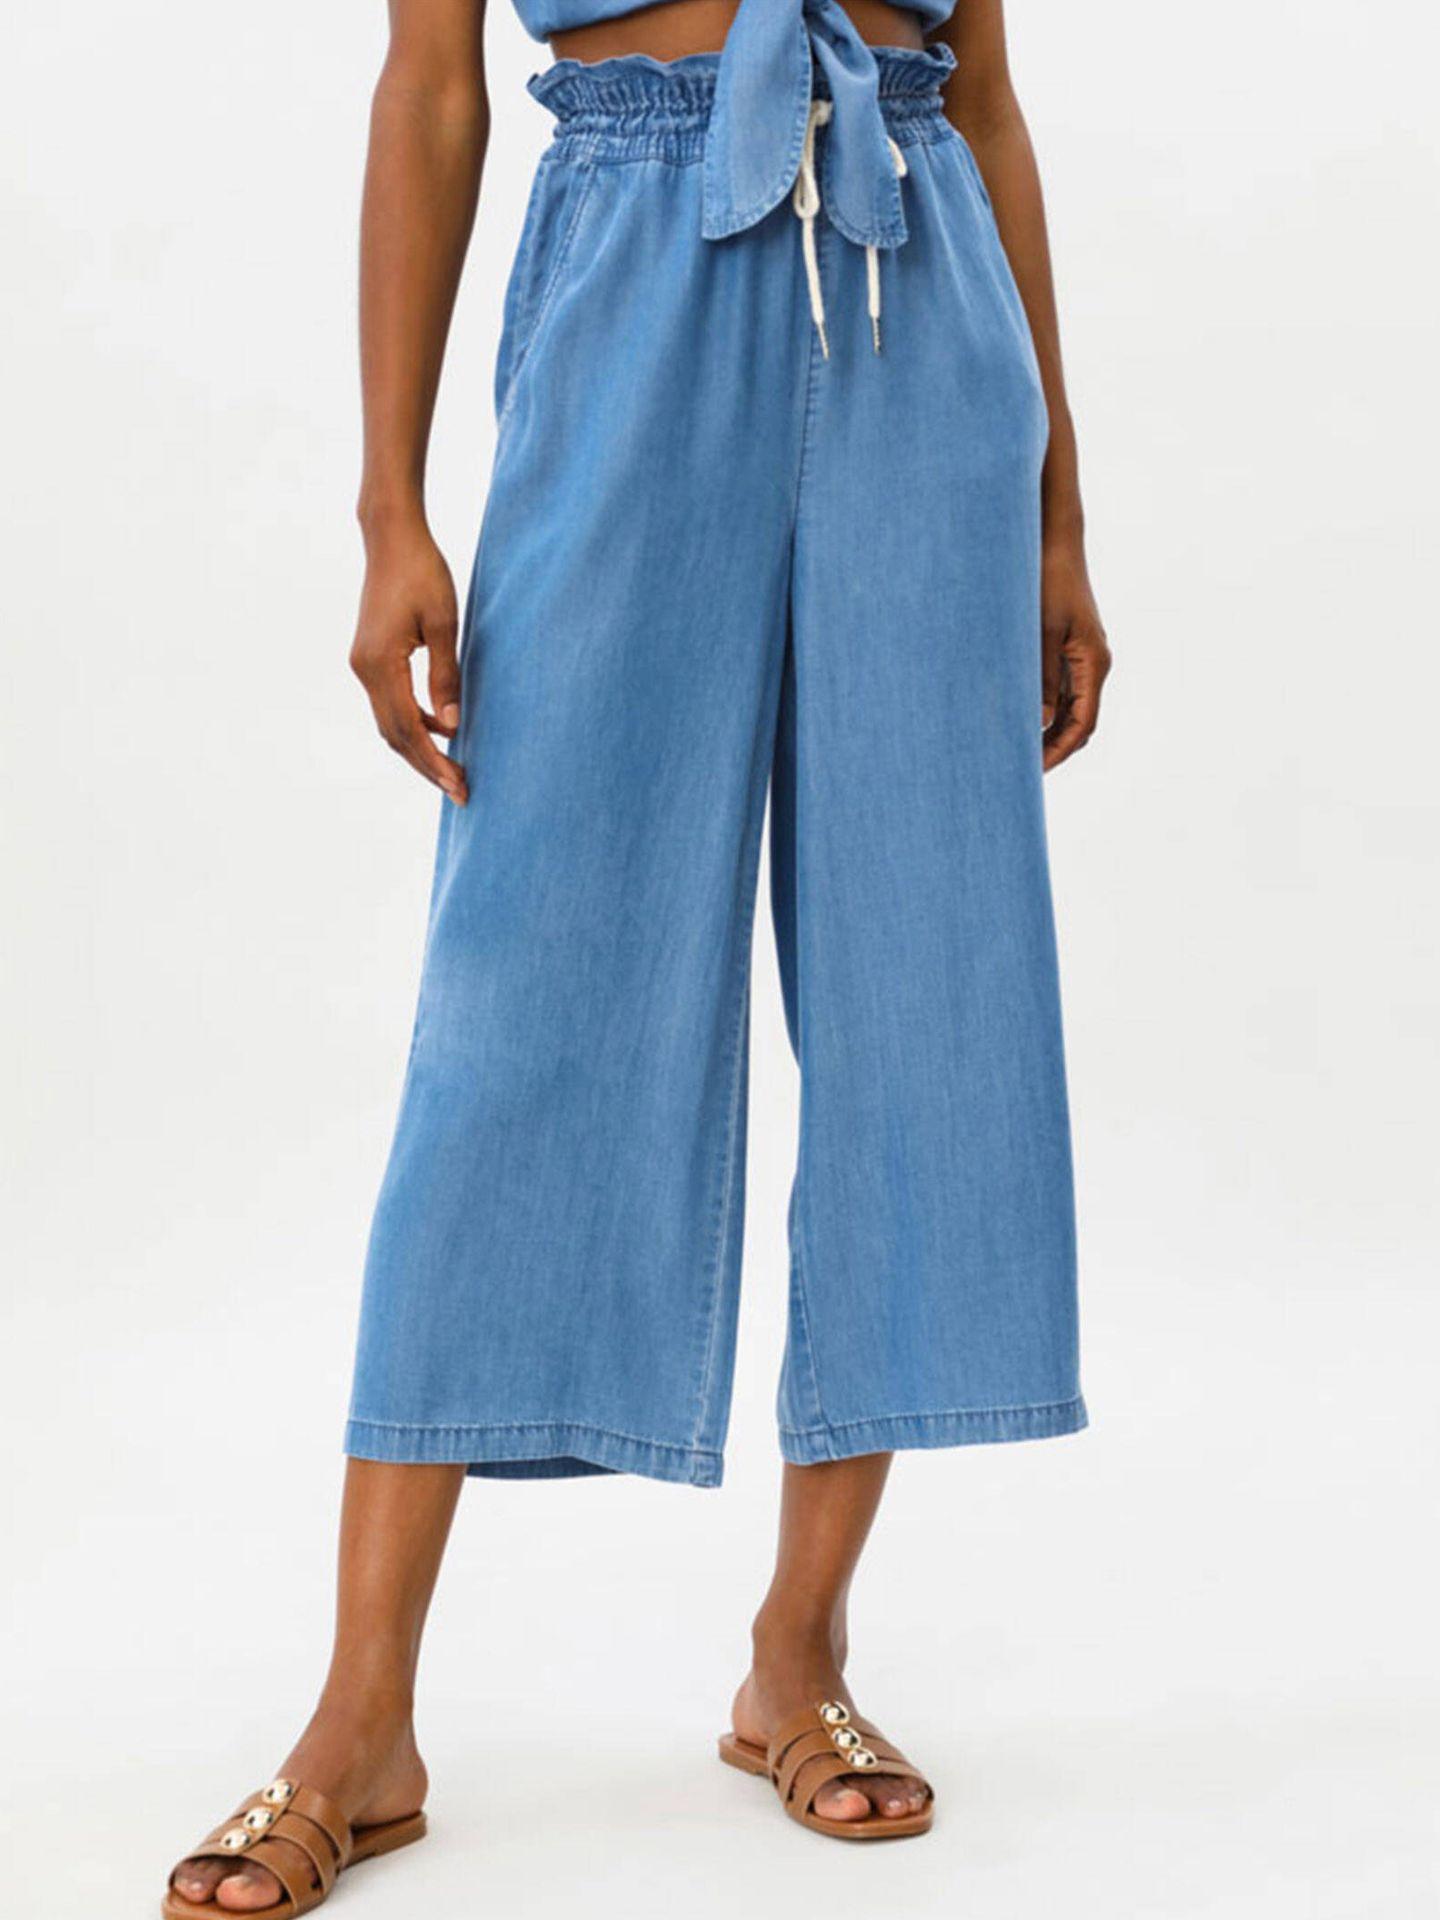 Pantalón culotte de Lefties. (Cortesía)